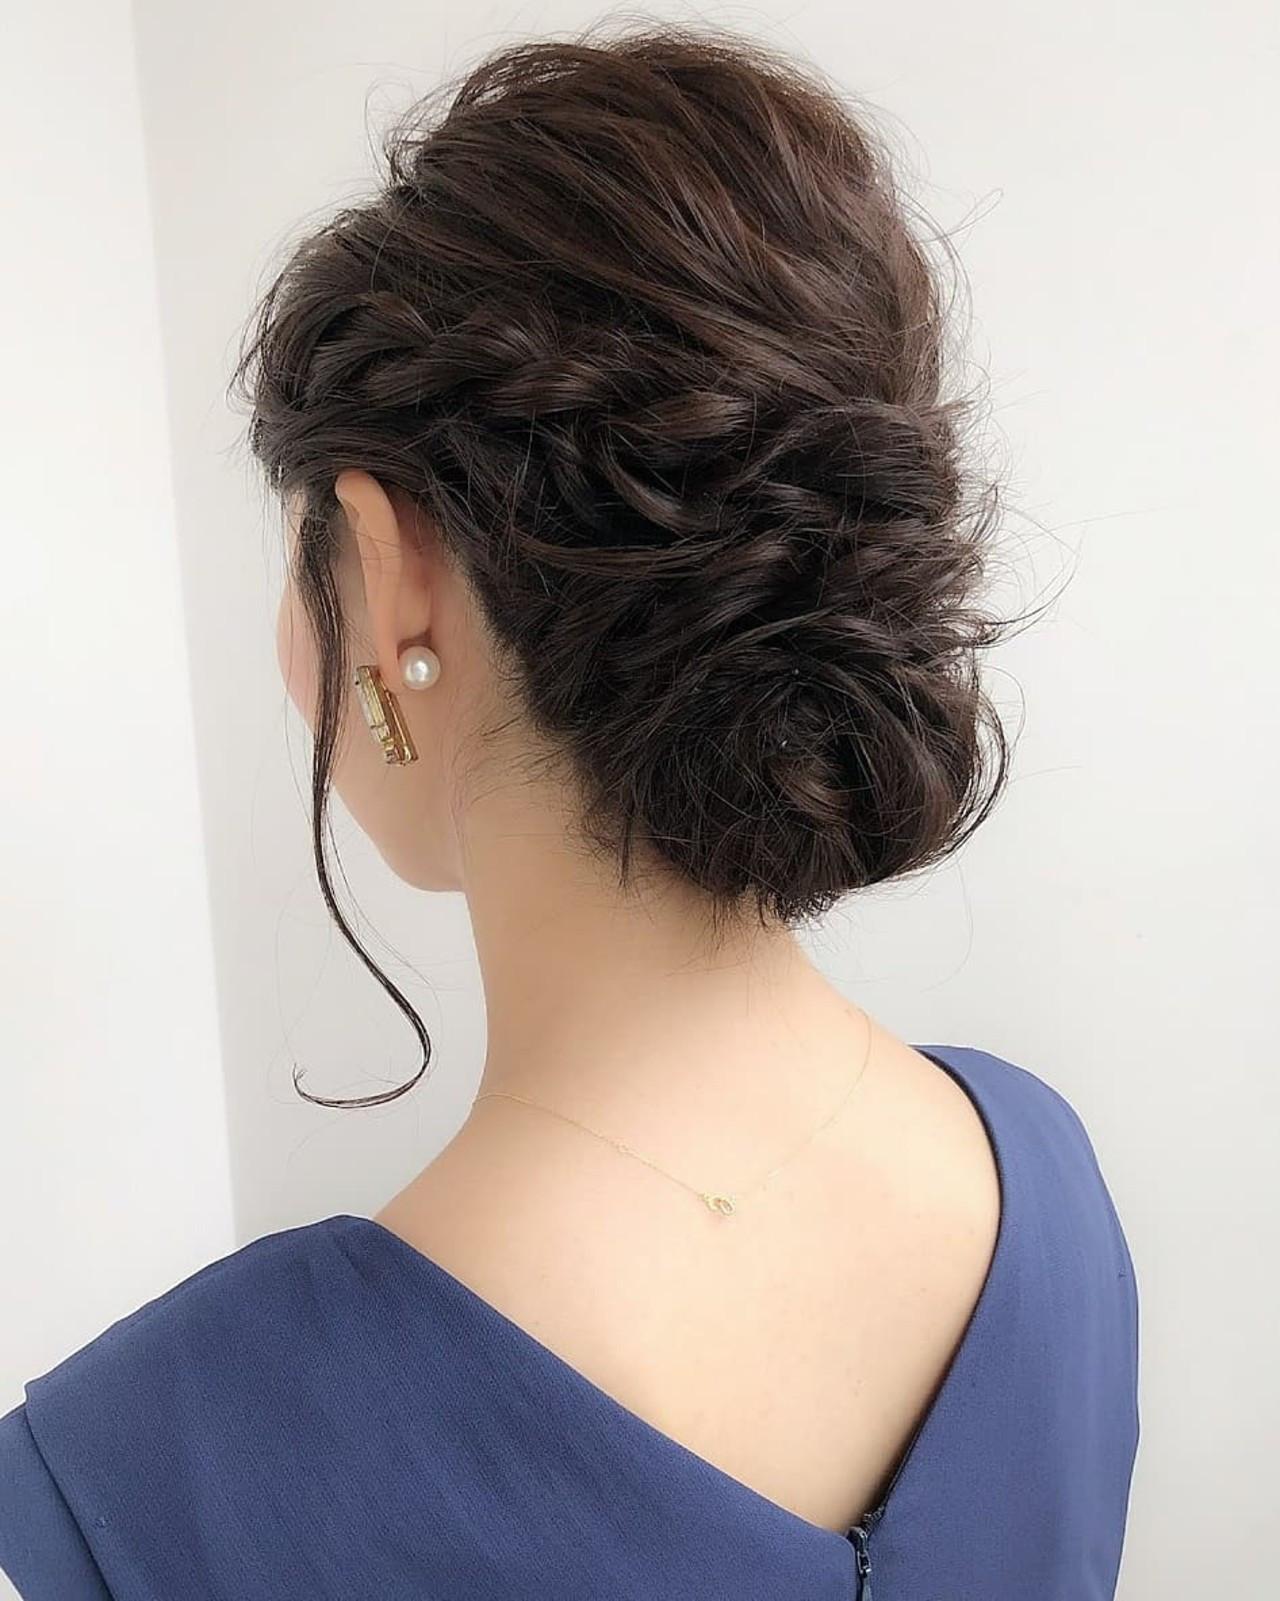 フェミニン 結婚式 ミディアム 編み込み ヘアスタイルや髪型の写真・画像